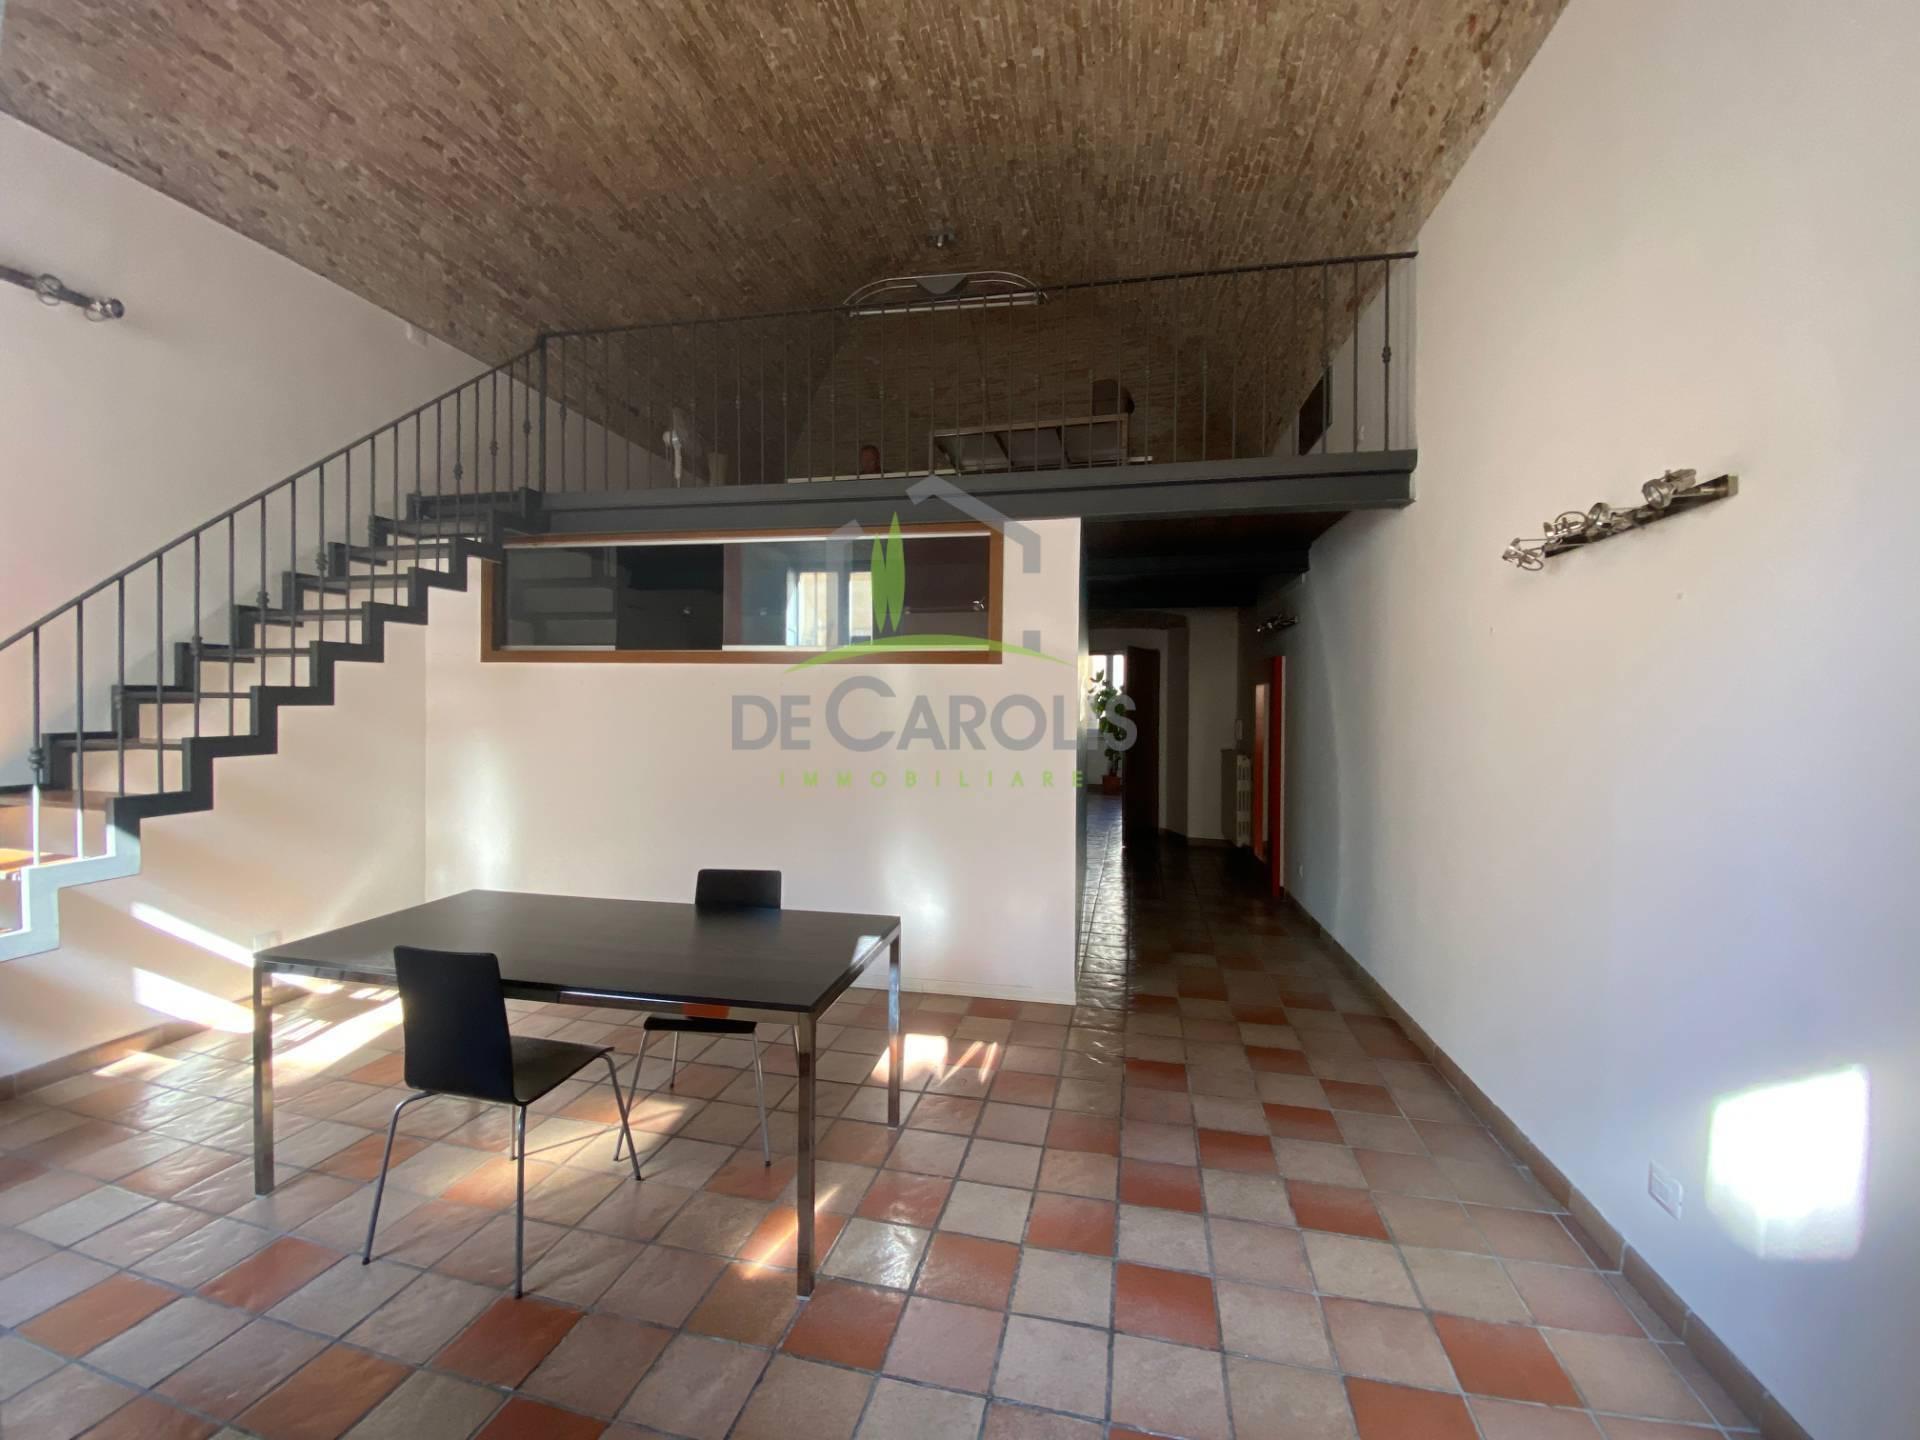 Ufficio / Studio in affitto a Ascoli Piceno, 9999 locali, zona Località: CentroStorico, prezzo € 500 | CambioCasa.it